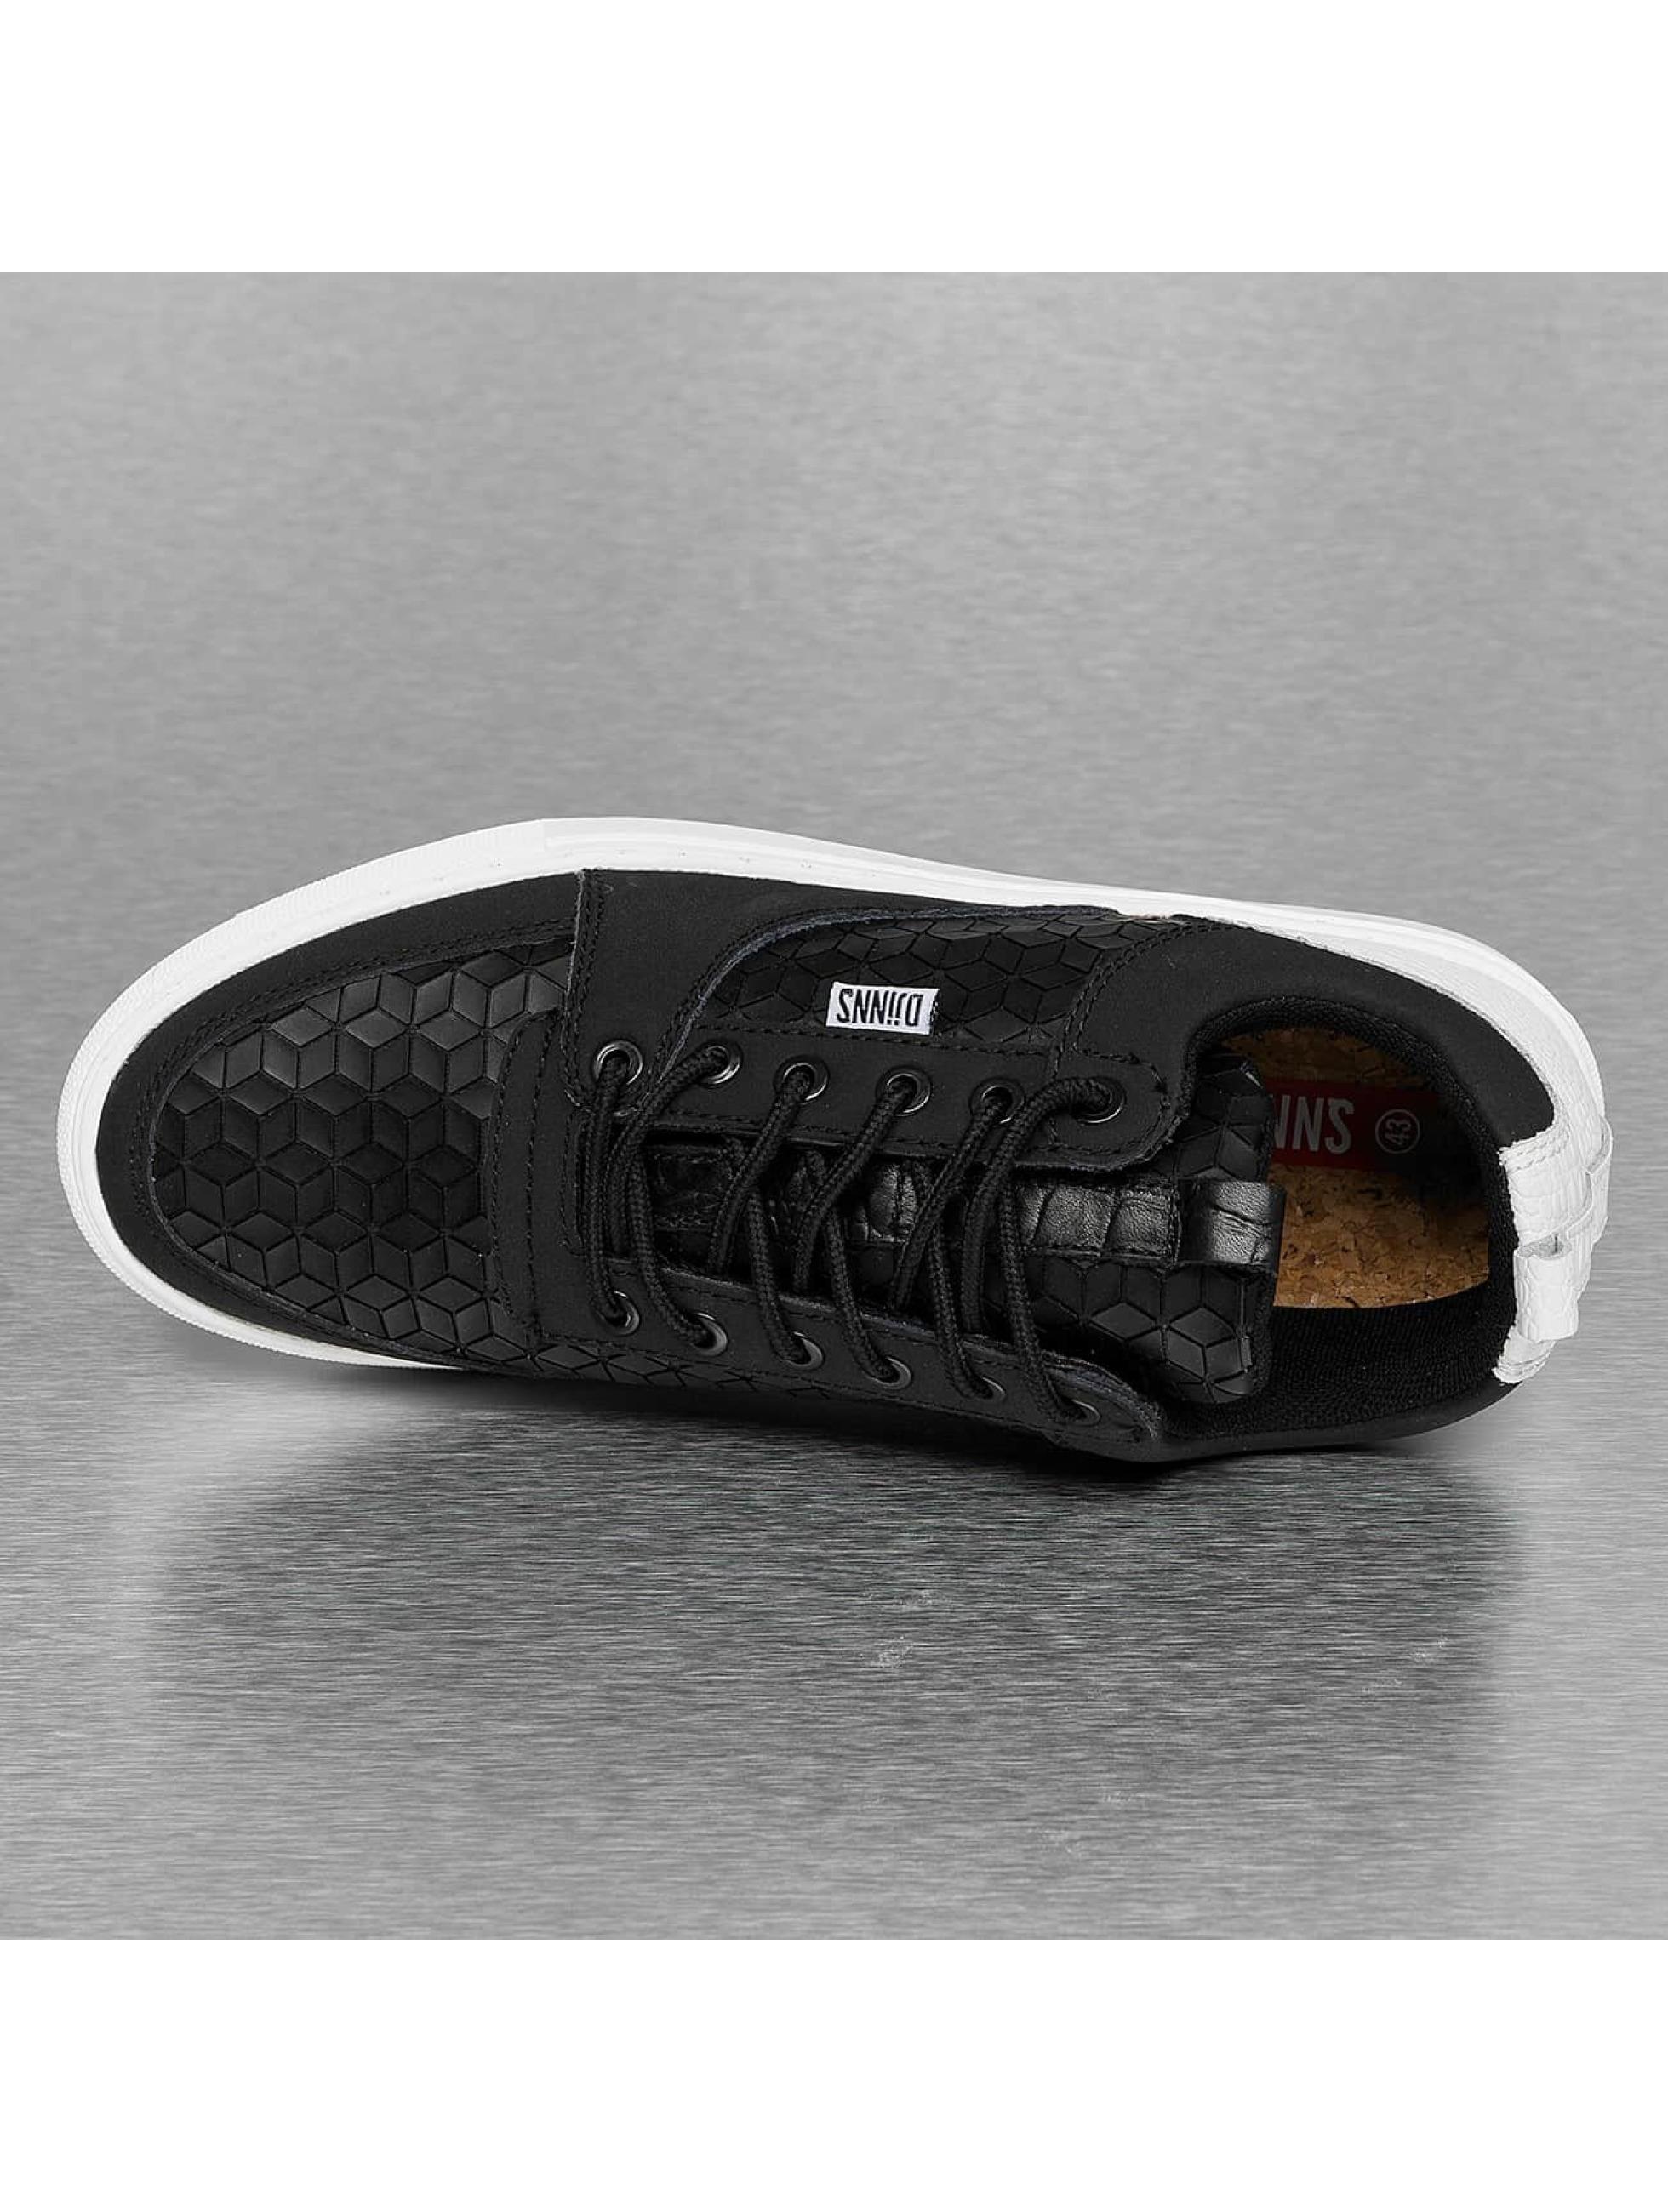 Djinns Sneakers Forlow Rubber Croc black